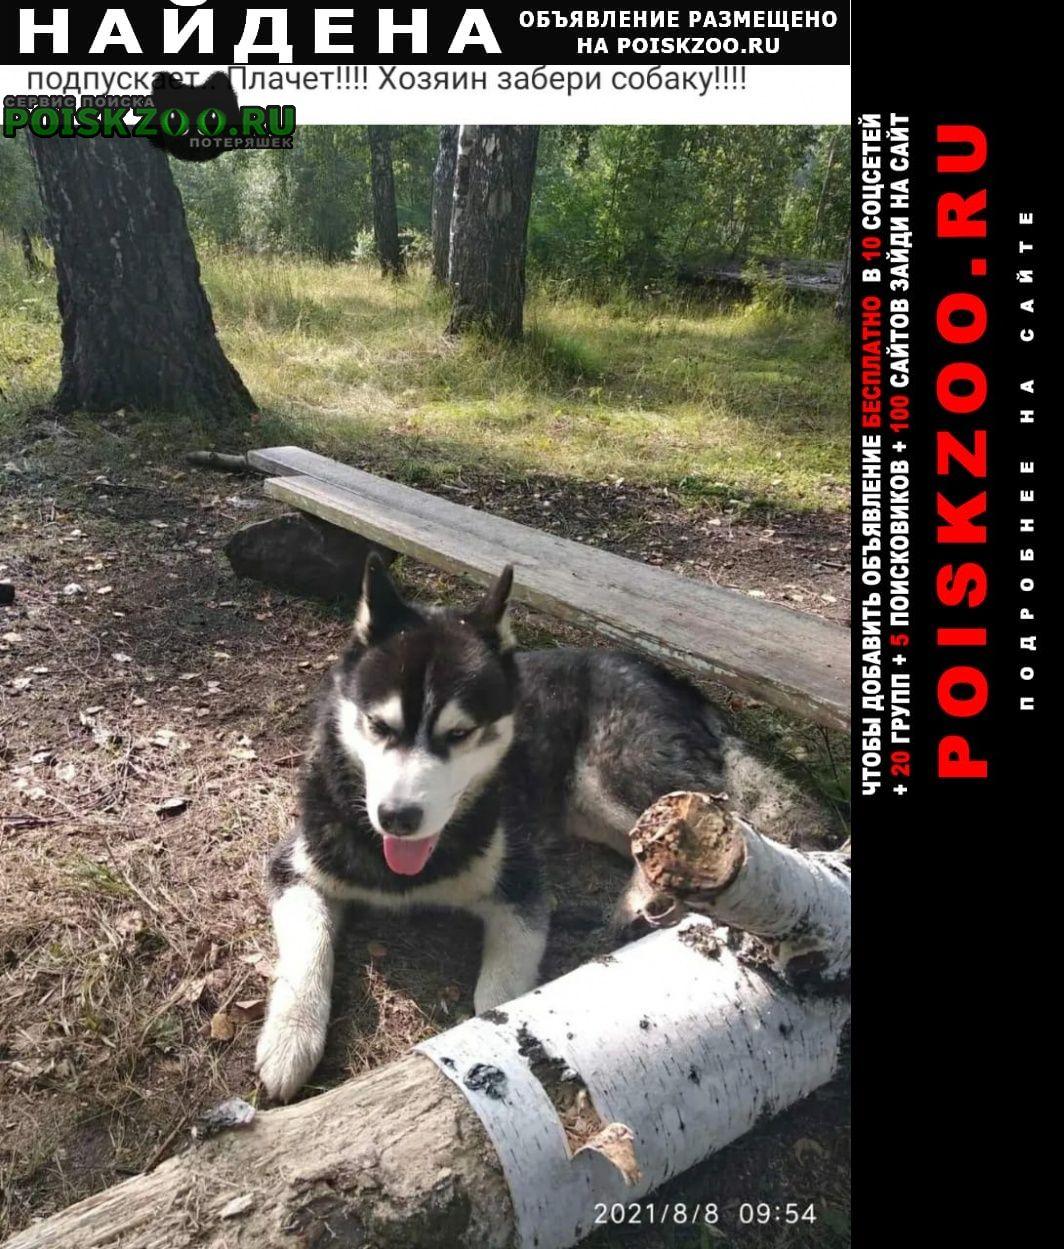 Найдена собака помогите псу Прокопьевск